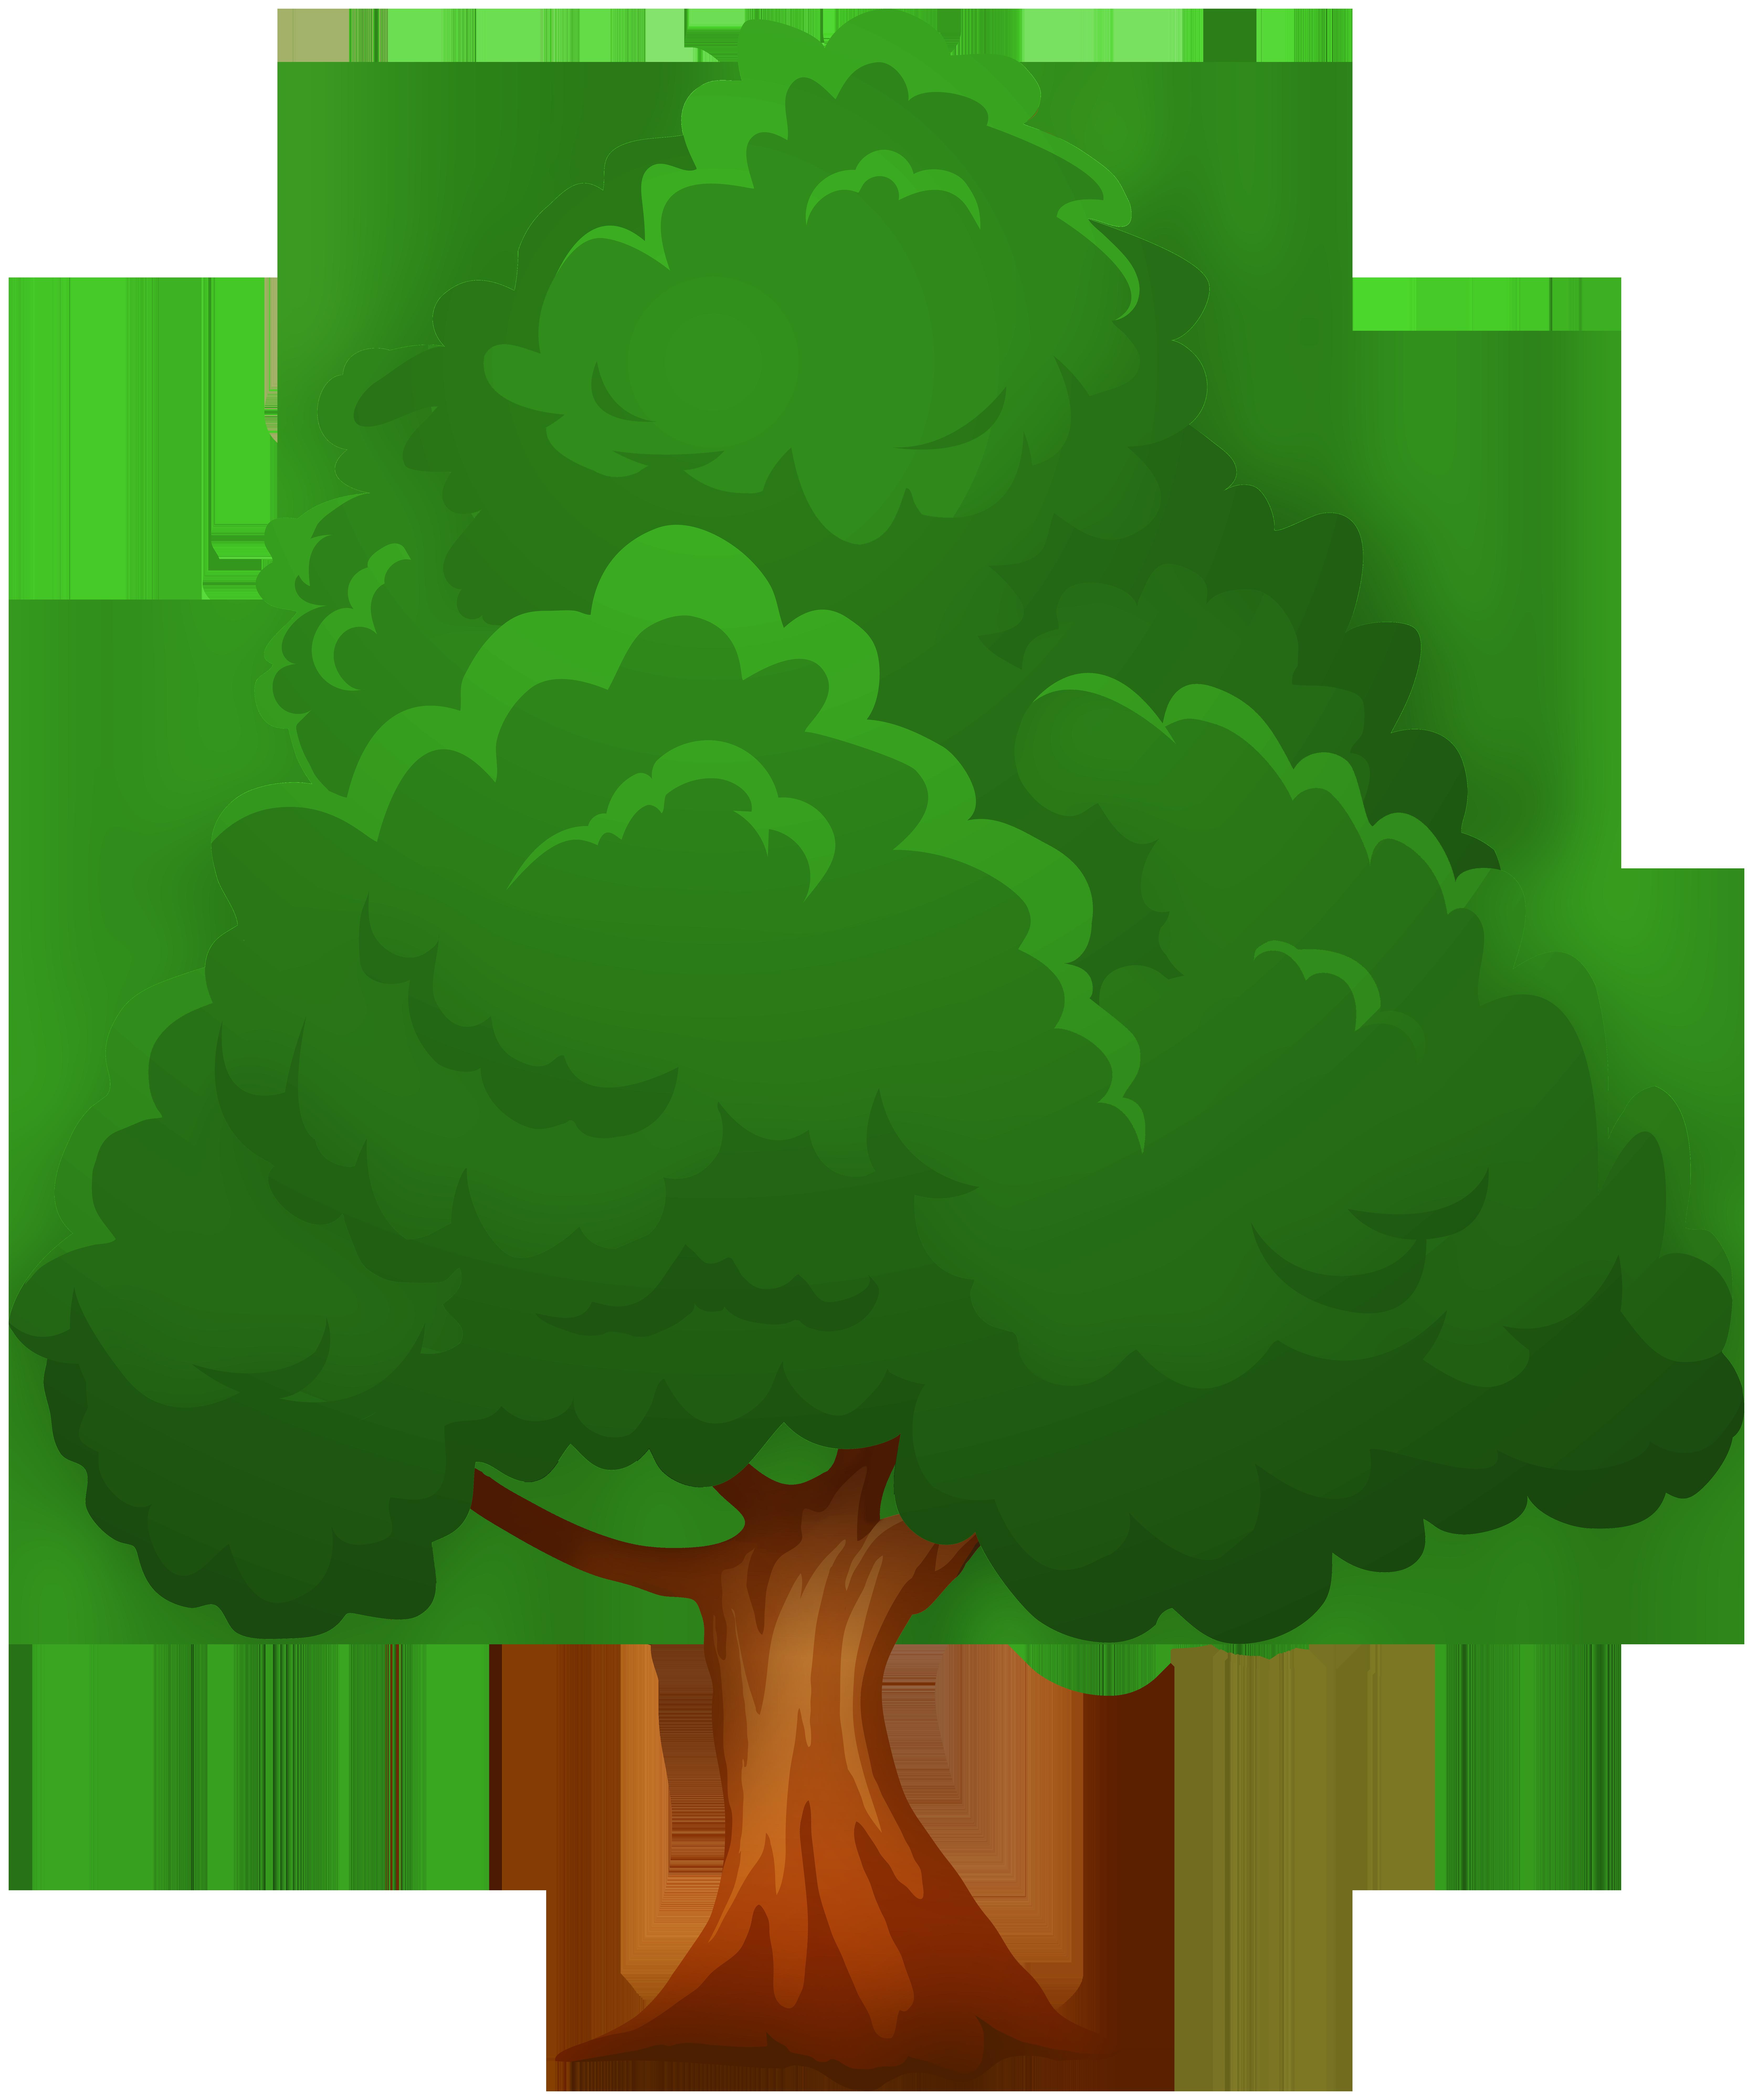 Big green tree.